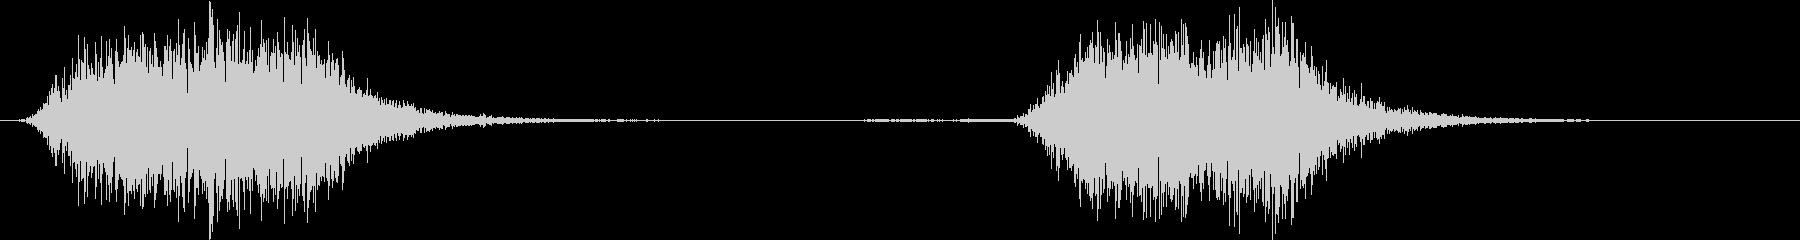 大きなオウム:2つのきしむ声、鳥の未再生の波形